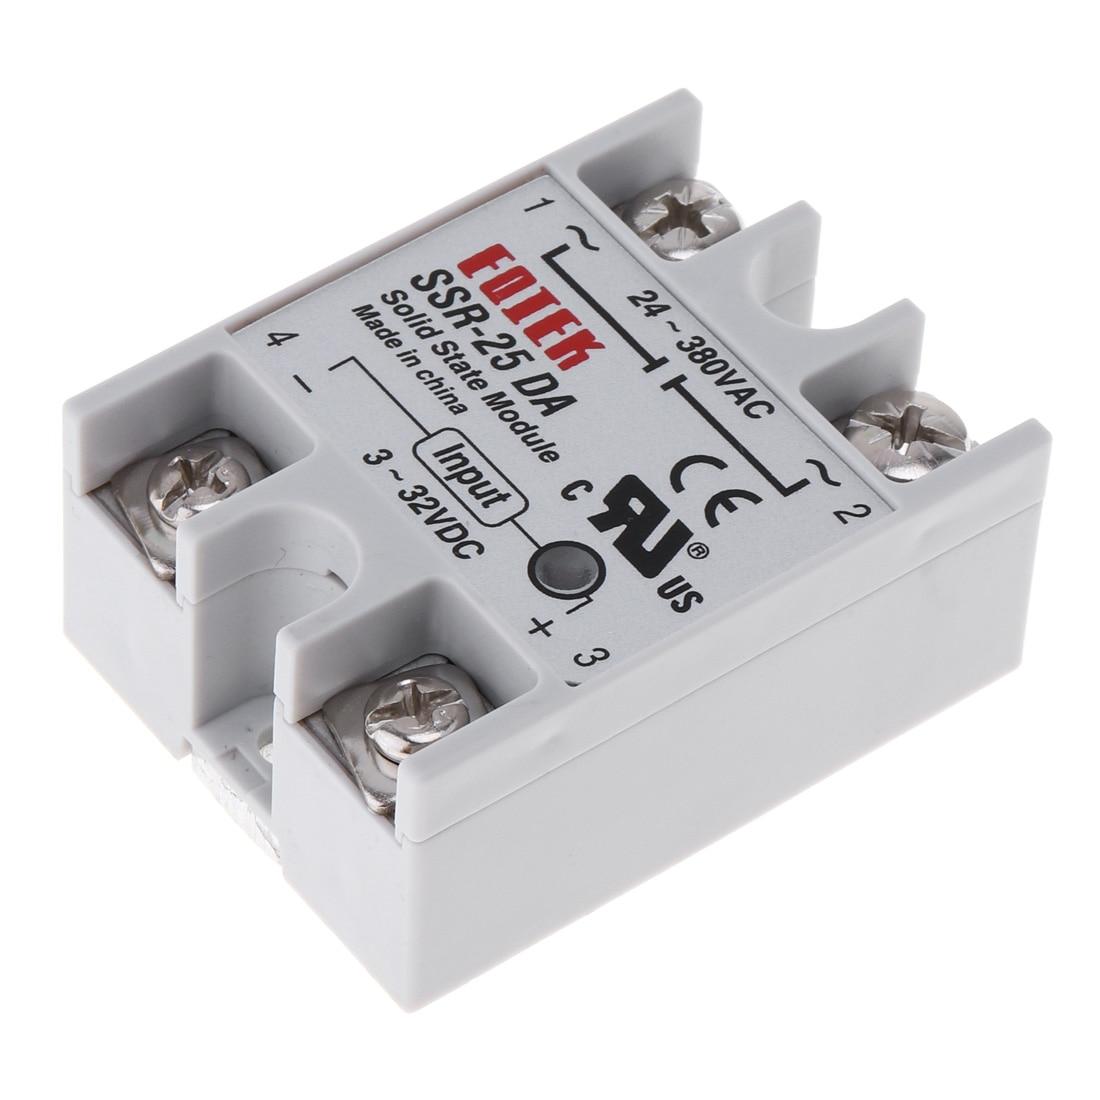 SSR-25DA módulo de relé de estado sólido entrada 3-32 v dc para saída 24 v-380 v ac 25a para a maquinaria de controle remoto/instrumentos médicos